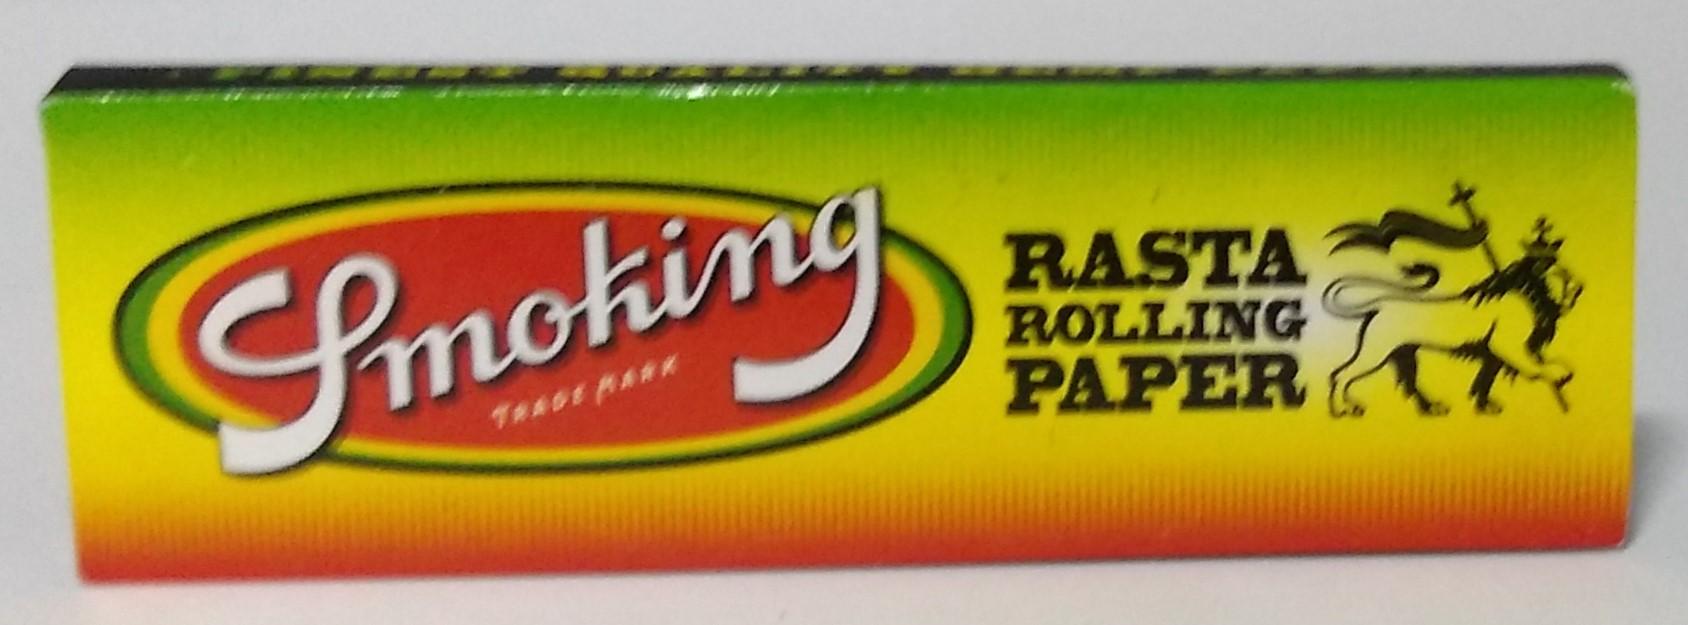 Papel Smoking Rasta 1.1/4